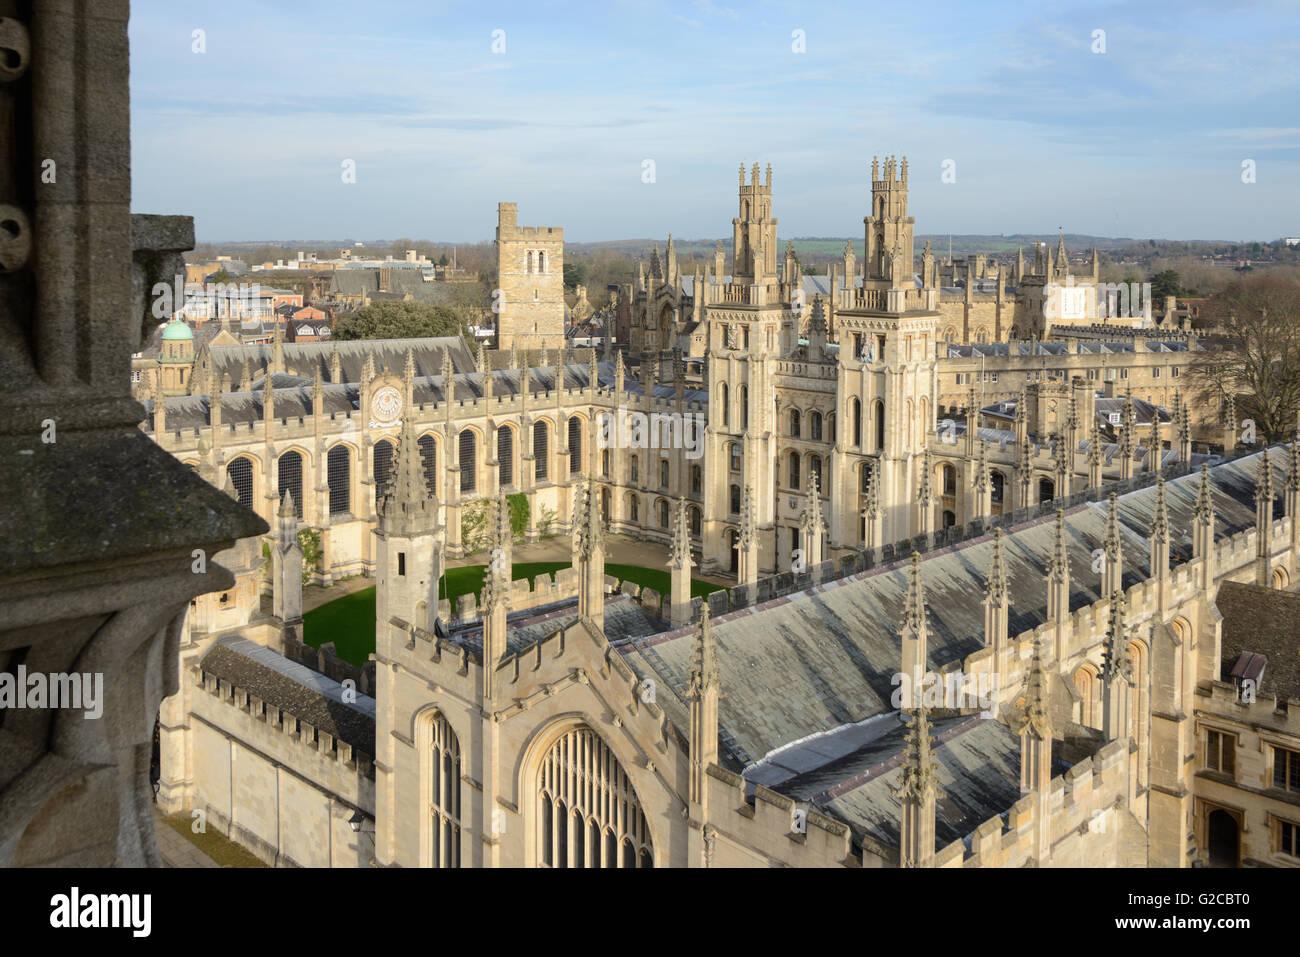 Los tejados y chapiteles de All Souls College de la Universidad de Oxford, Inglaterra Imagen De Stock